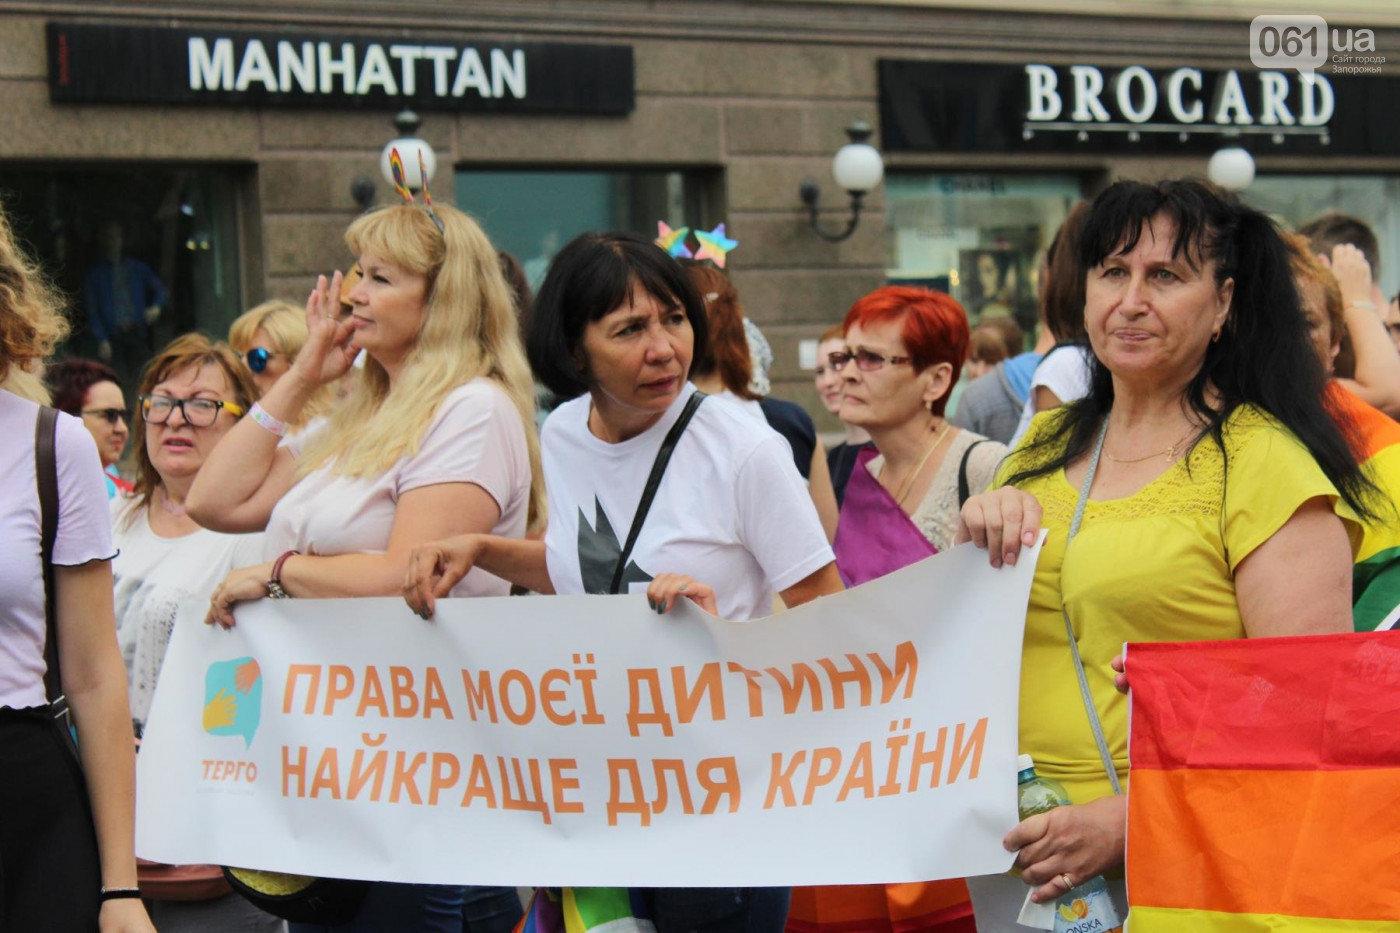 """Лука высказался против ЛГБТ: что ответили в """"ЗапорожьеПрайде"""" и при чем тут Беларусь и счетчики, фото-9"""